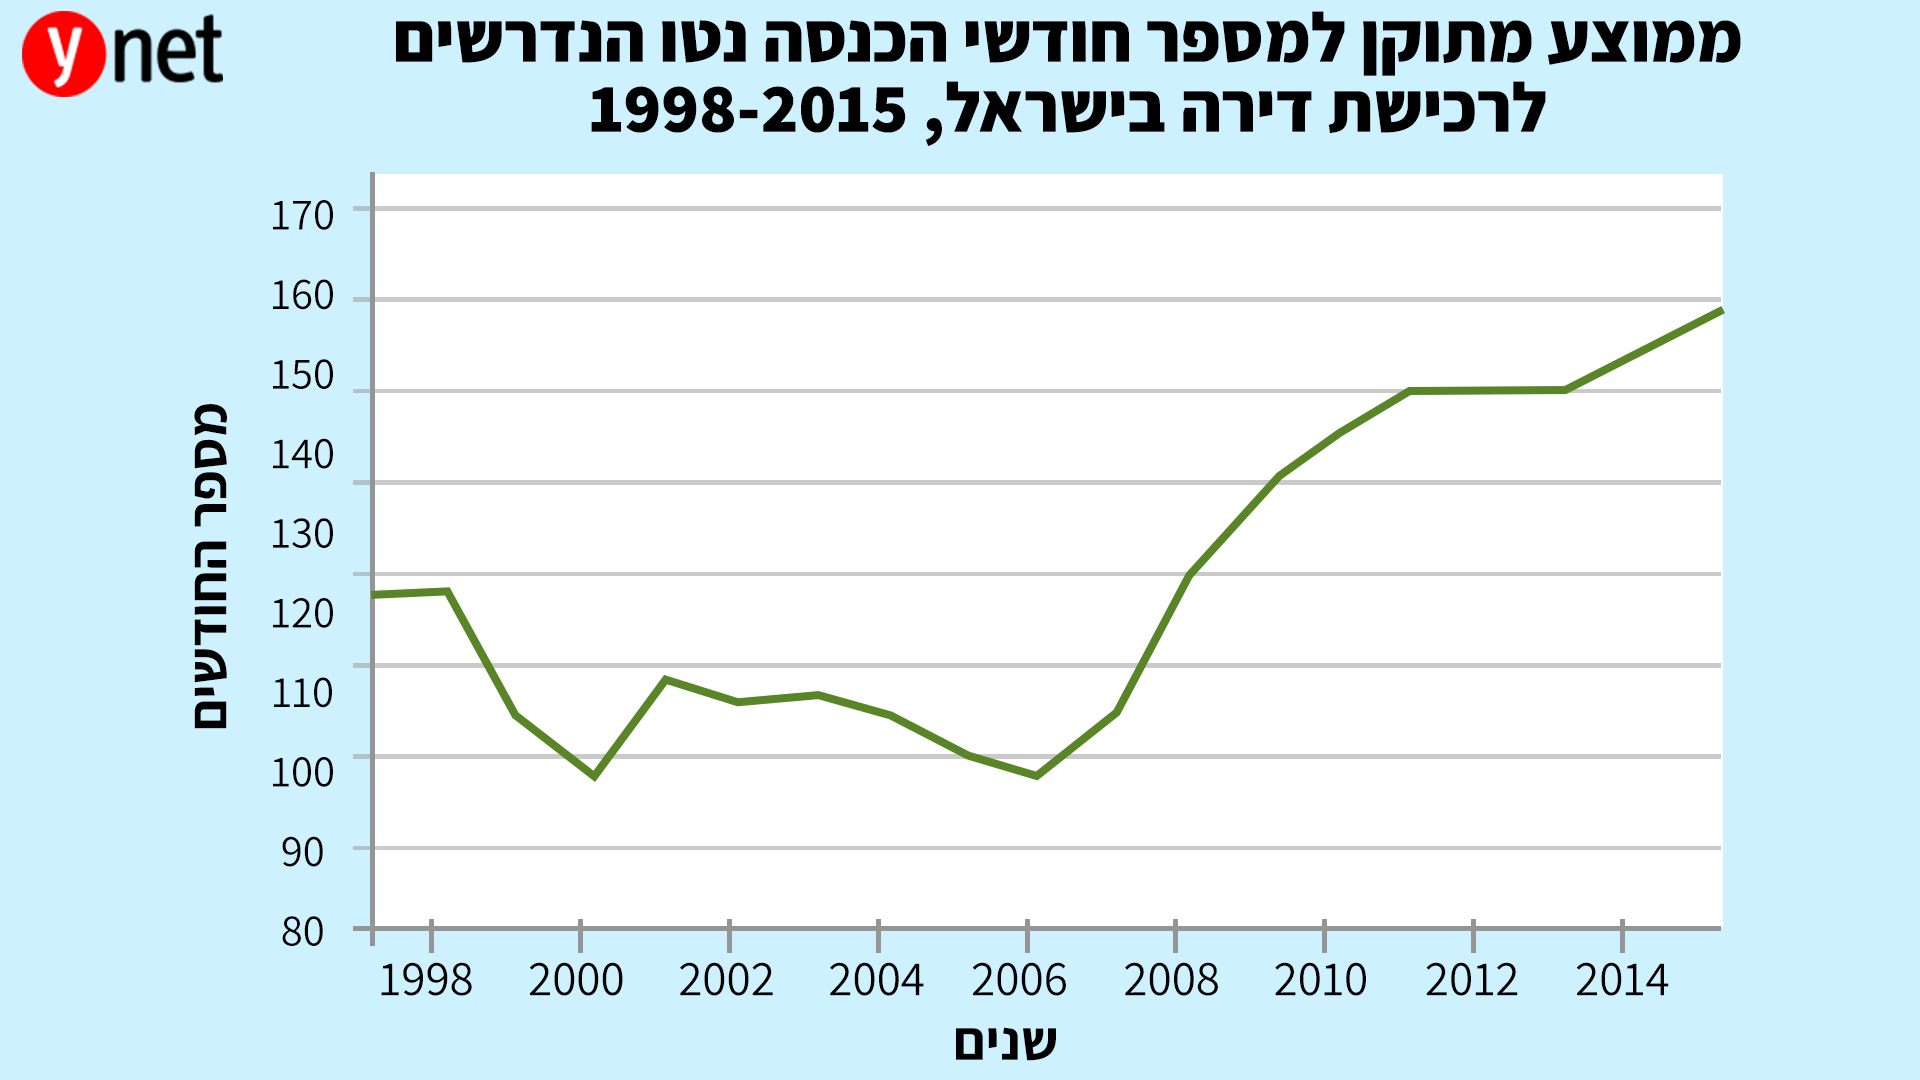 גרף ממוצע מתוקן למספר חודשי הכנסה נטו הנדרשים לרכישת דירה בישראל (מכון אלרוב)